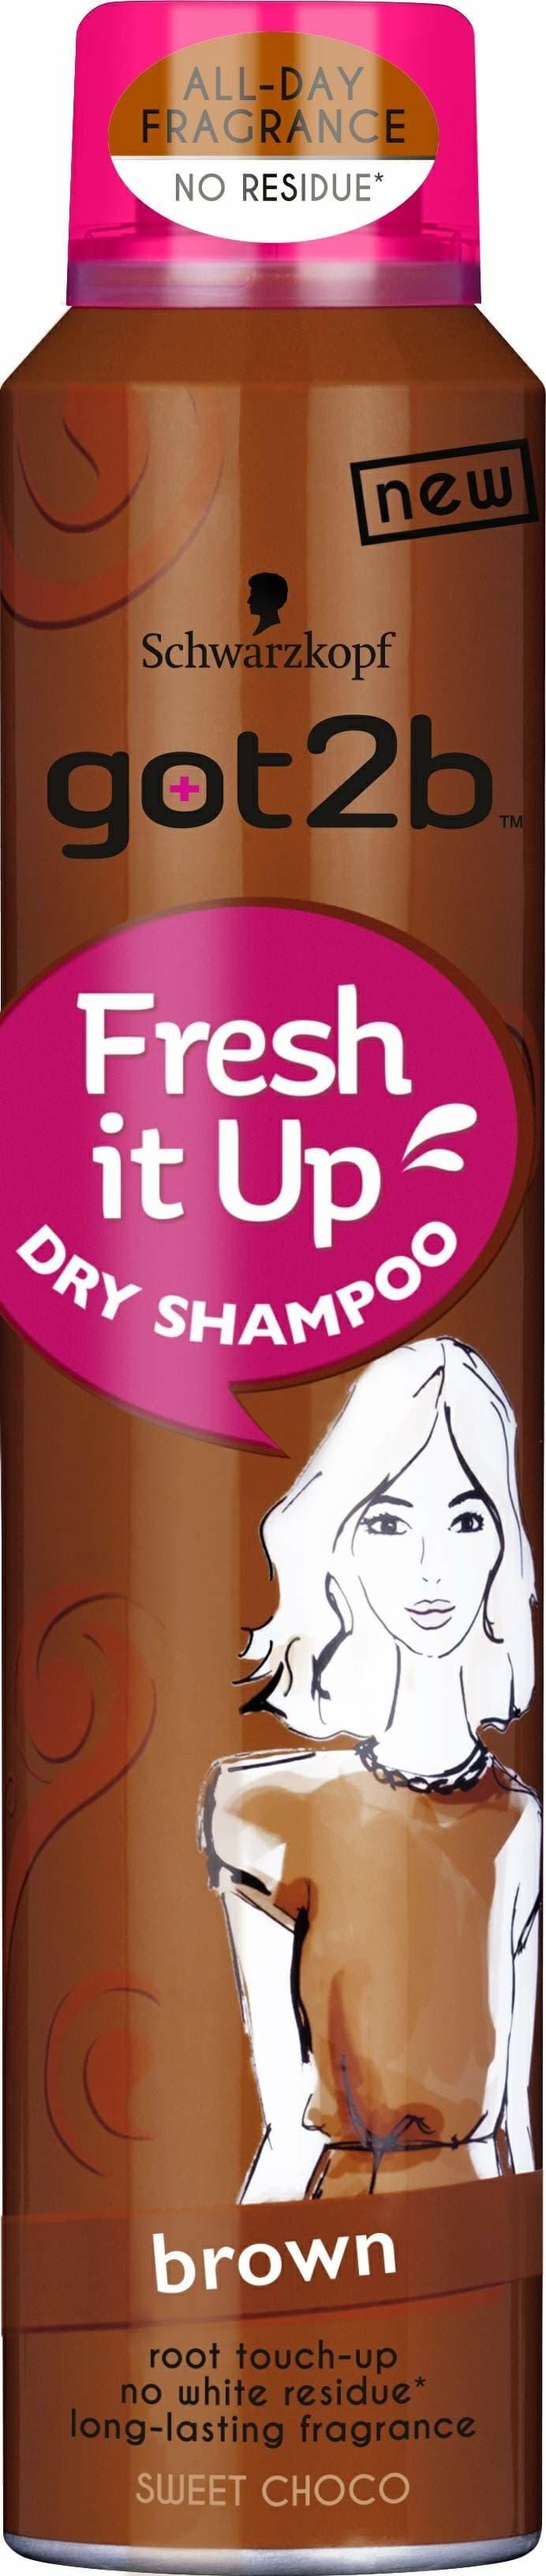 Schwarzkopf Professional, Парфюмированный сухой шампунь Для брюнеток Горячий шоколад Fresh it Up, 200 мл шампунь got2b fresh it up 200мл сухой